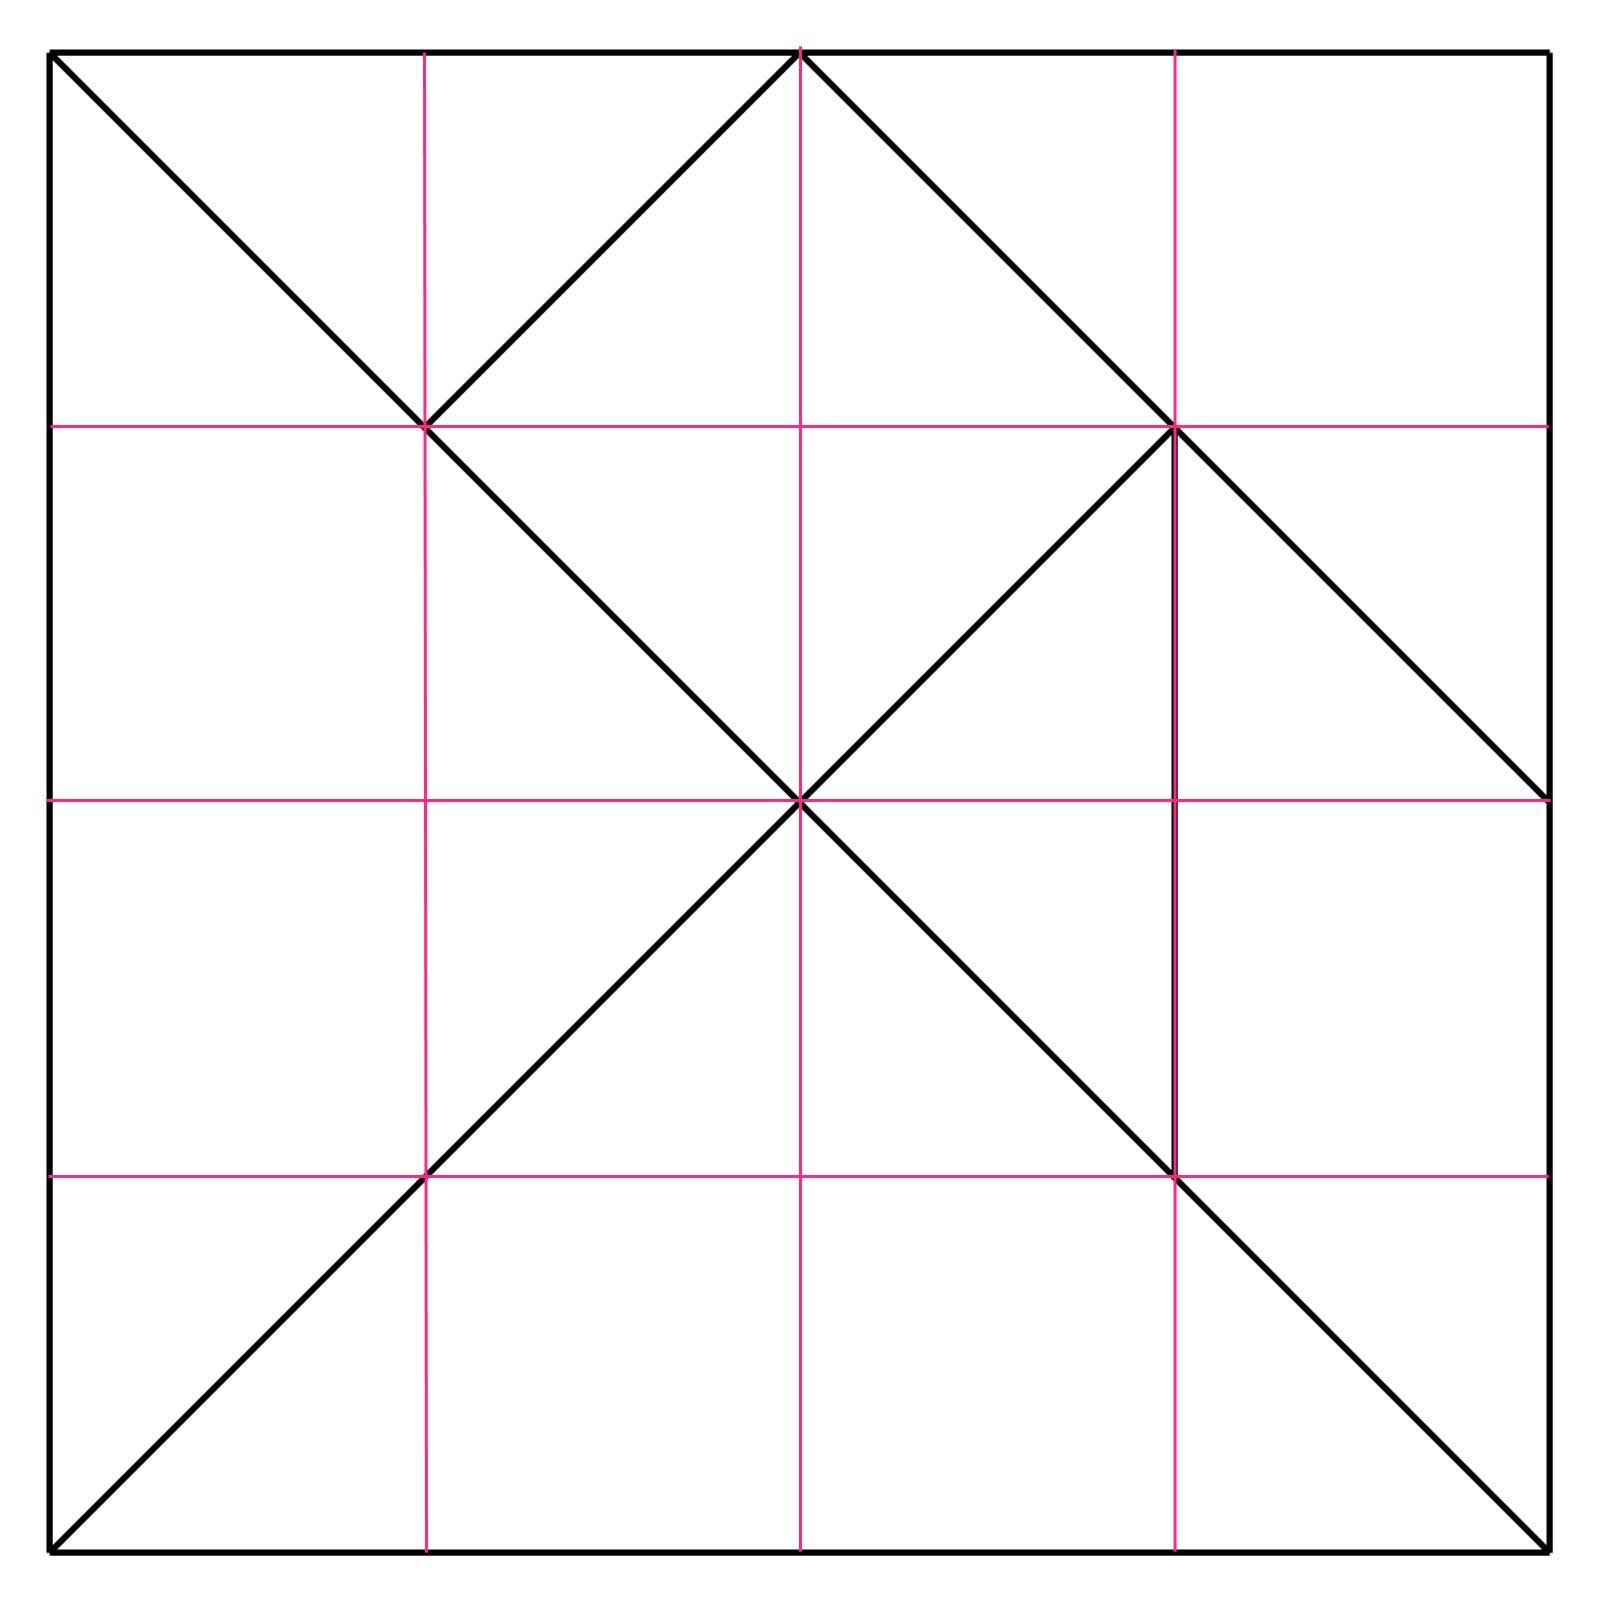 Tangram Puzzel Maken 7 Puzzelstukken Teken Ze Volgens De